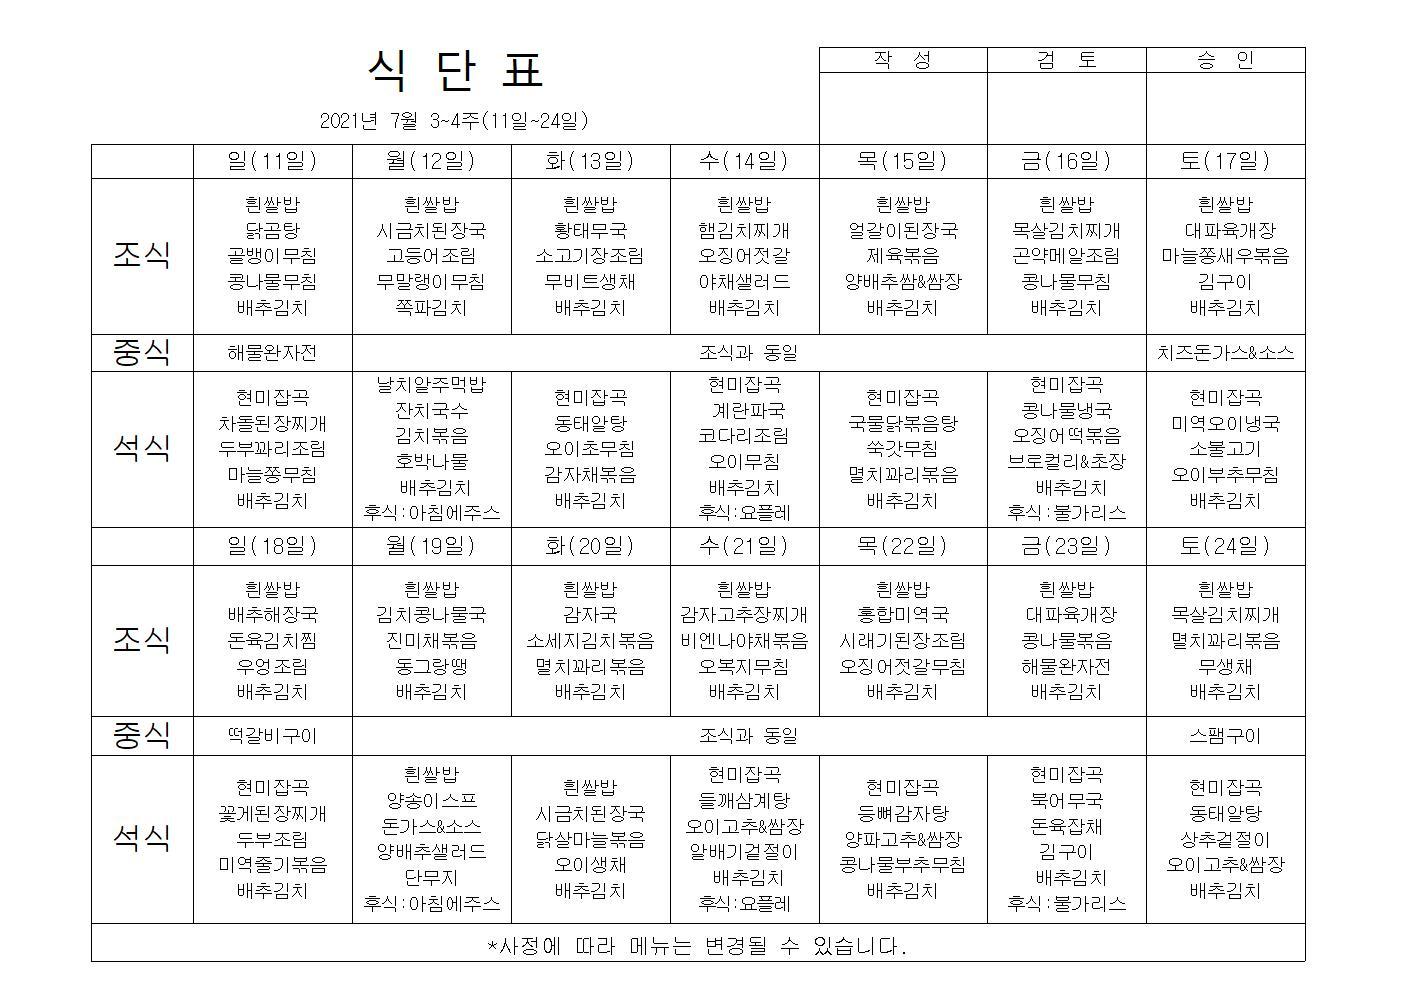 식단표2021년7월_002.jpg